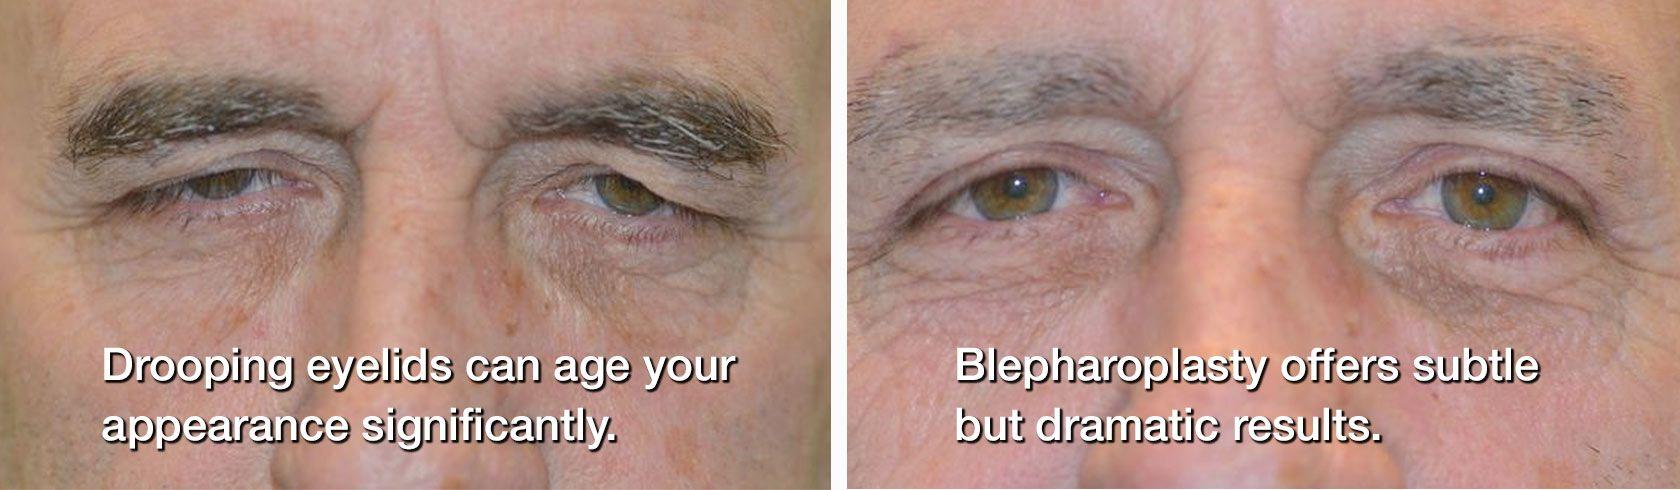 before/after blepharoplasty